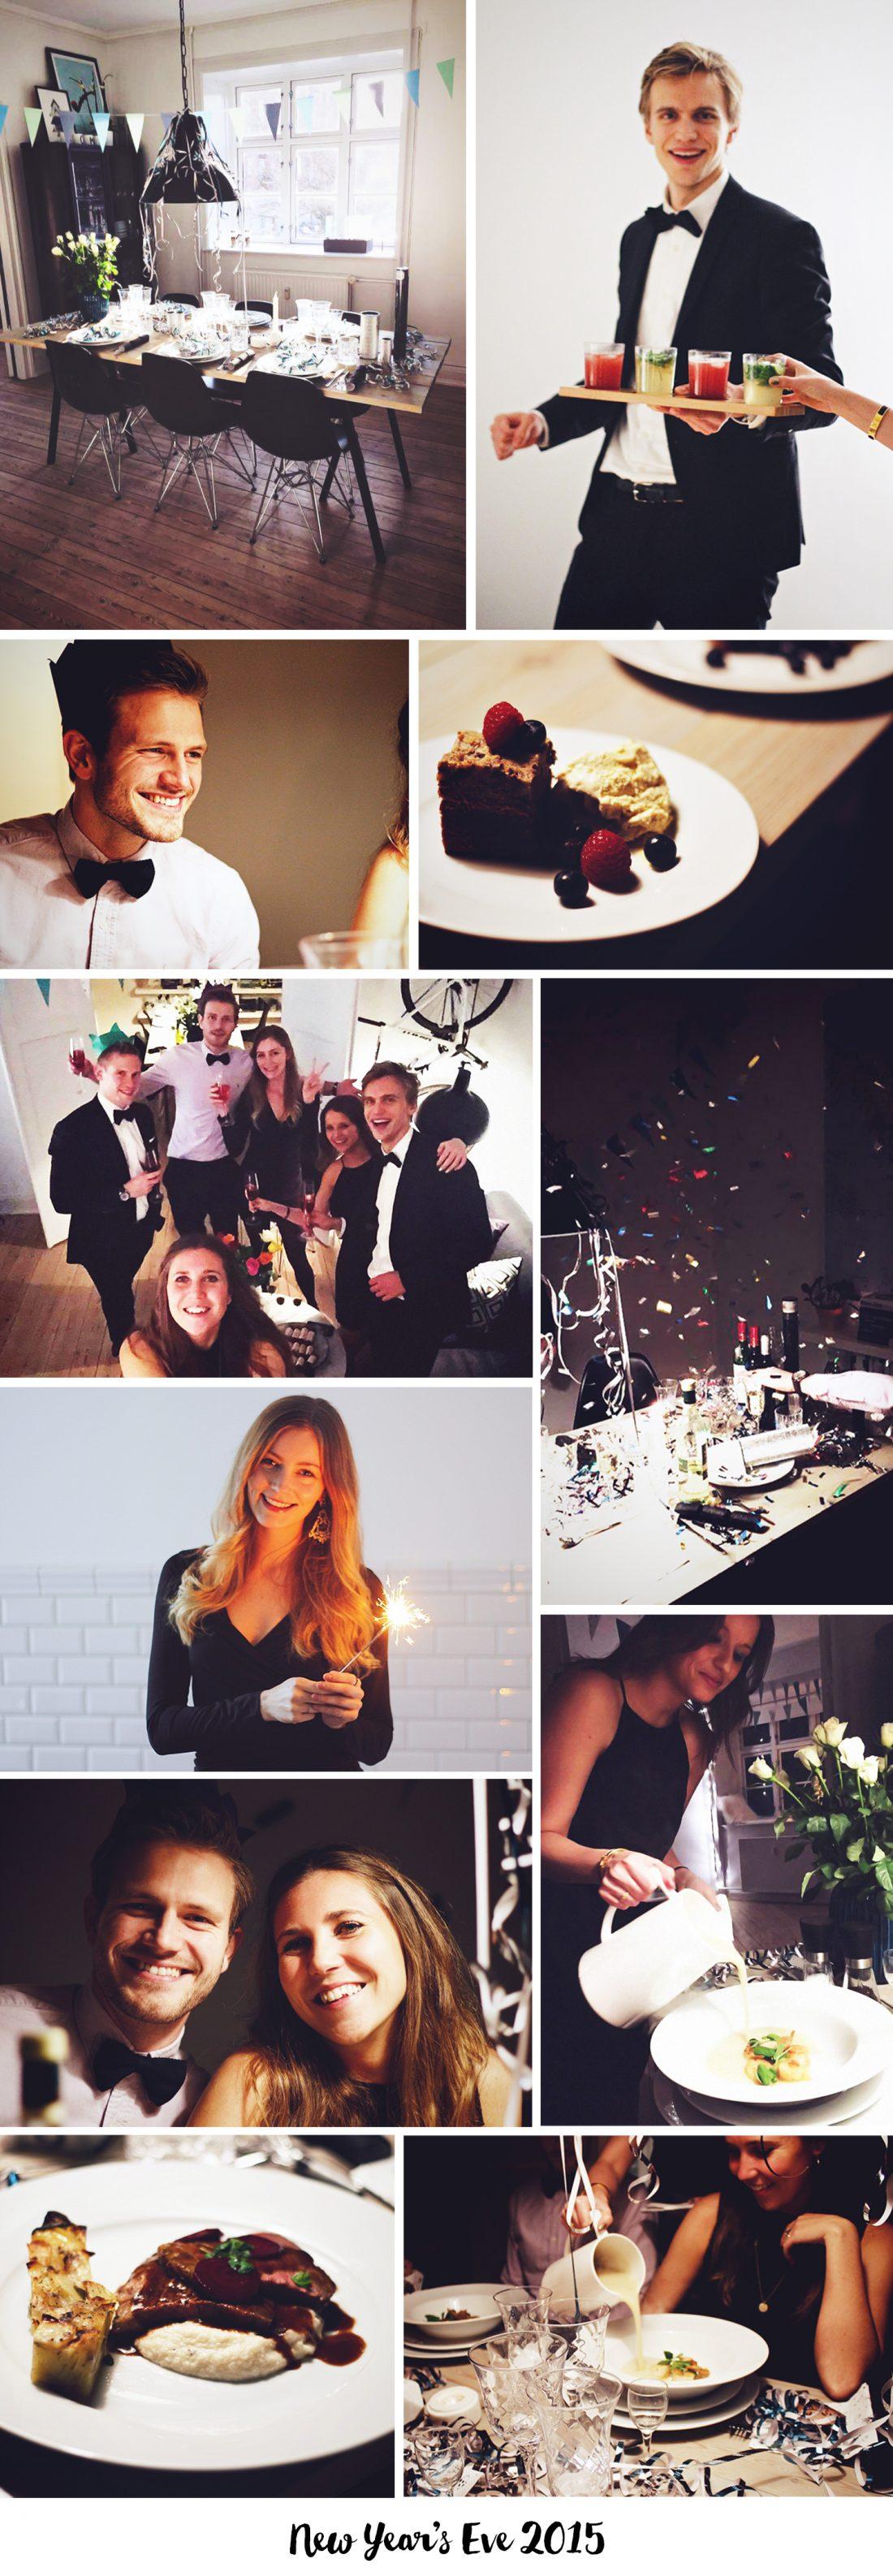 nytårsaften-20151.jpg